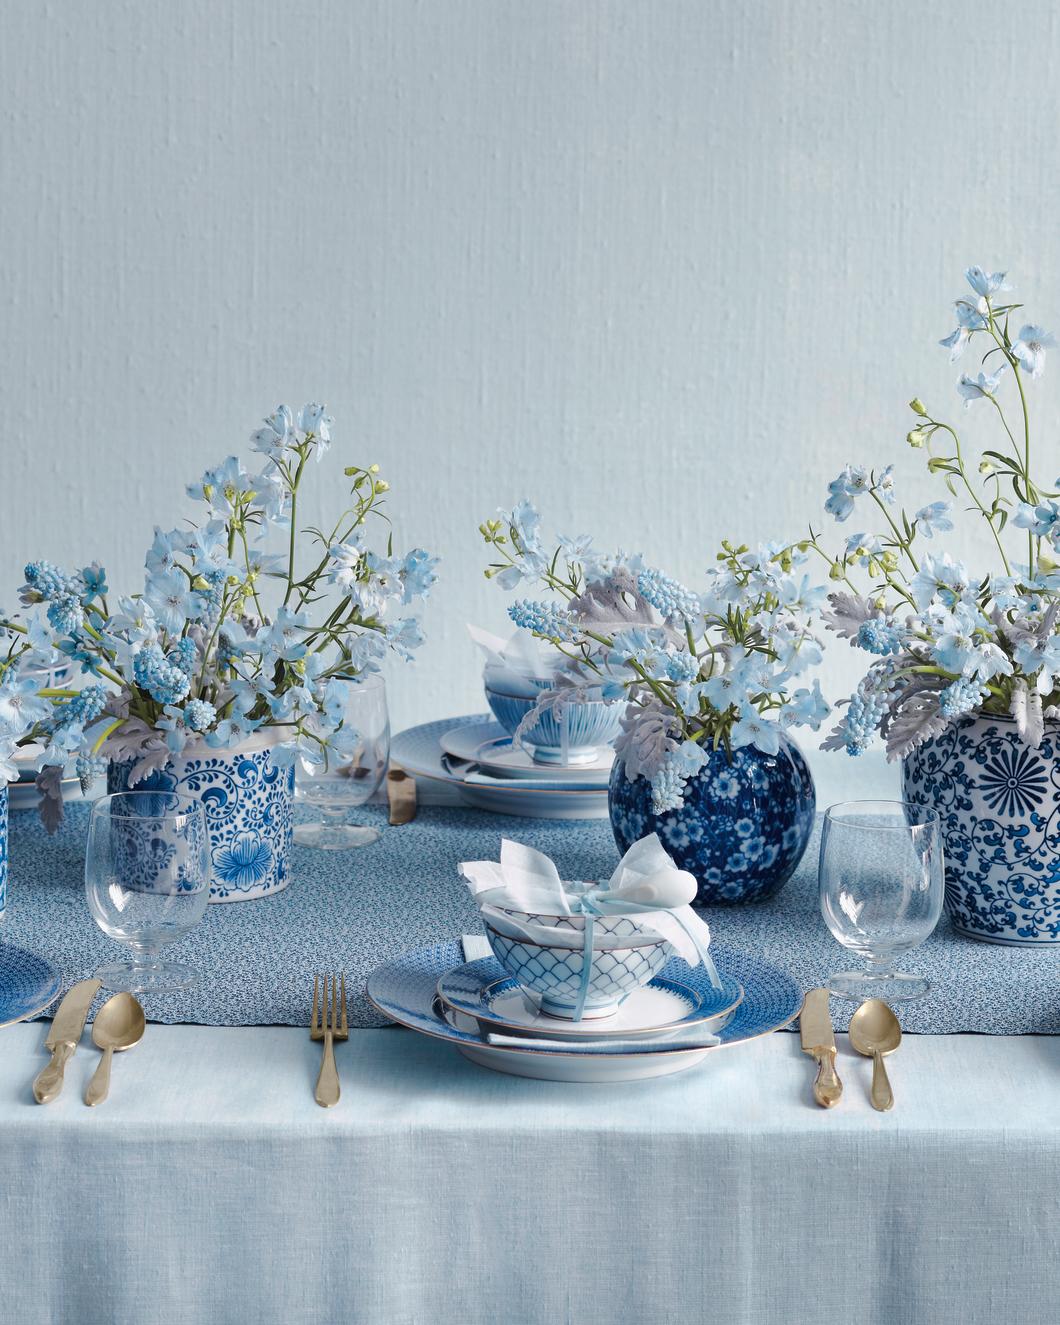 palette-blue-centerpiece-mwd108489.jpg